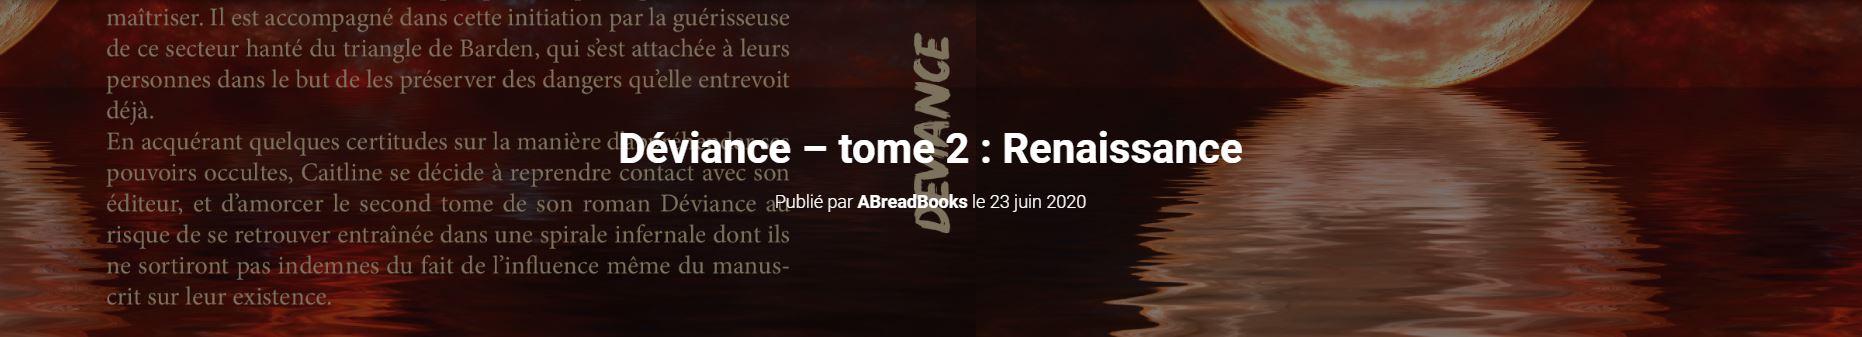 Site Abbey Read - Déviance Tome 2 Renaissance